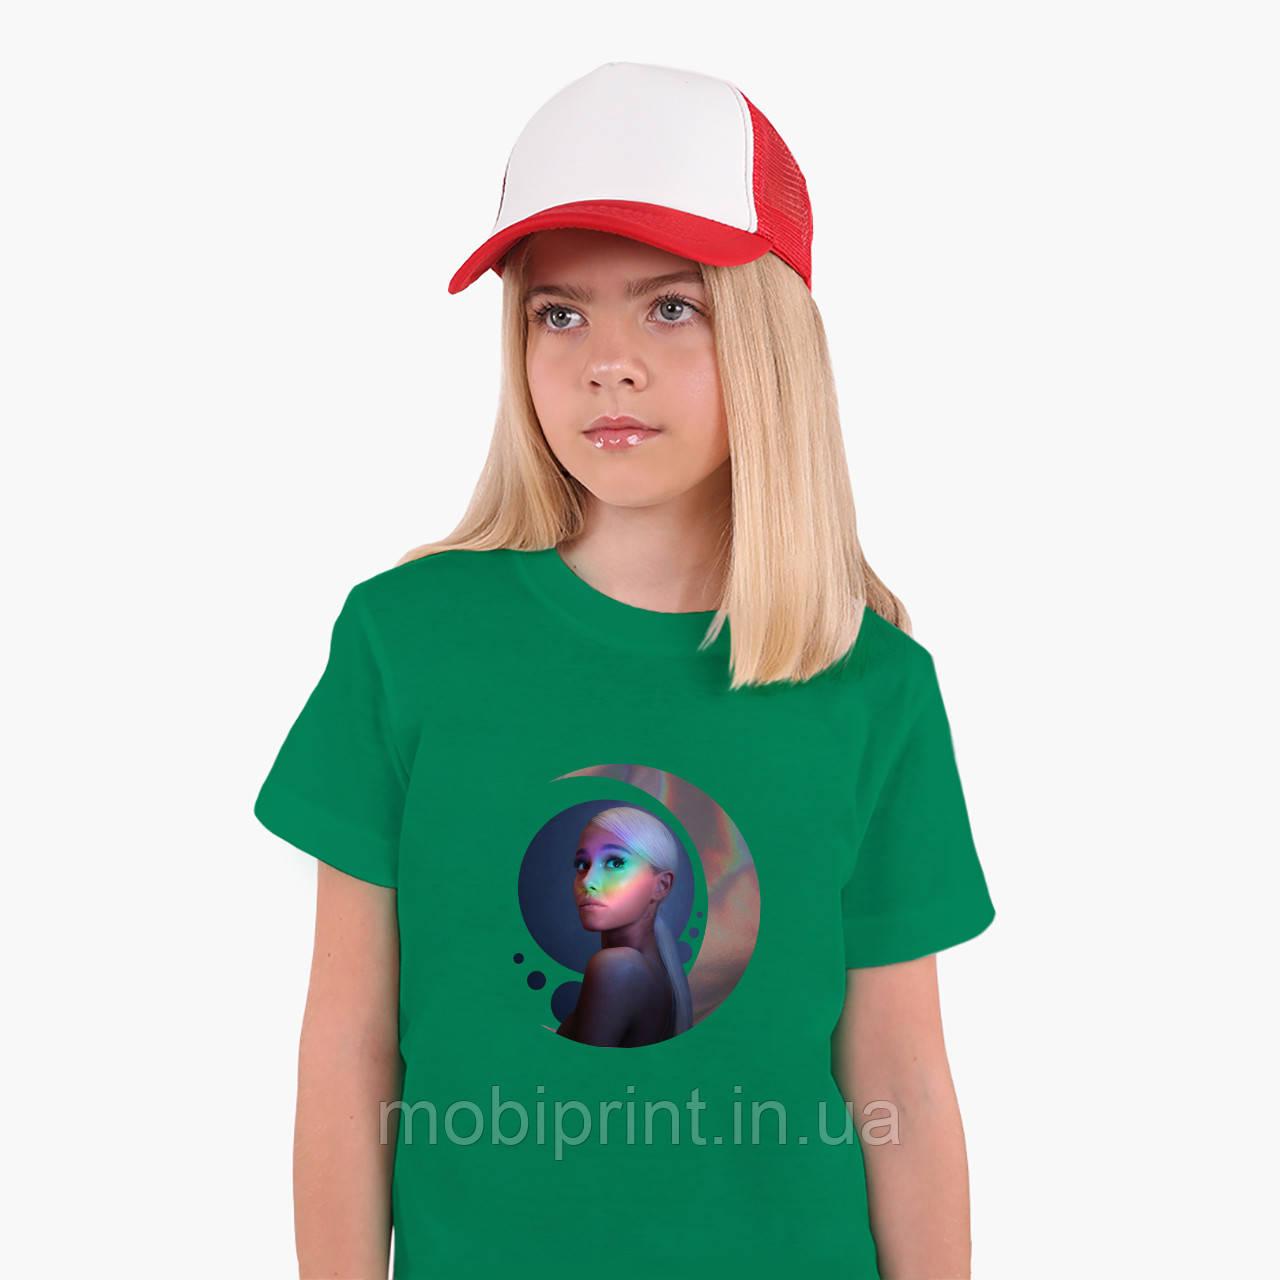 Детская футболка для девочек Ариана Гранде (Ariana Grande) (25186-1622) Зеленый